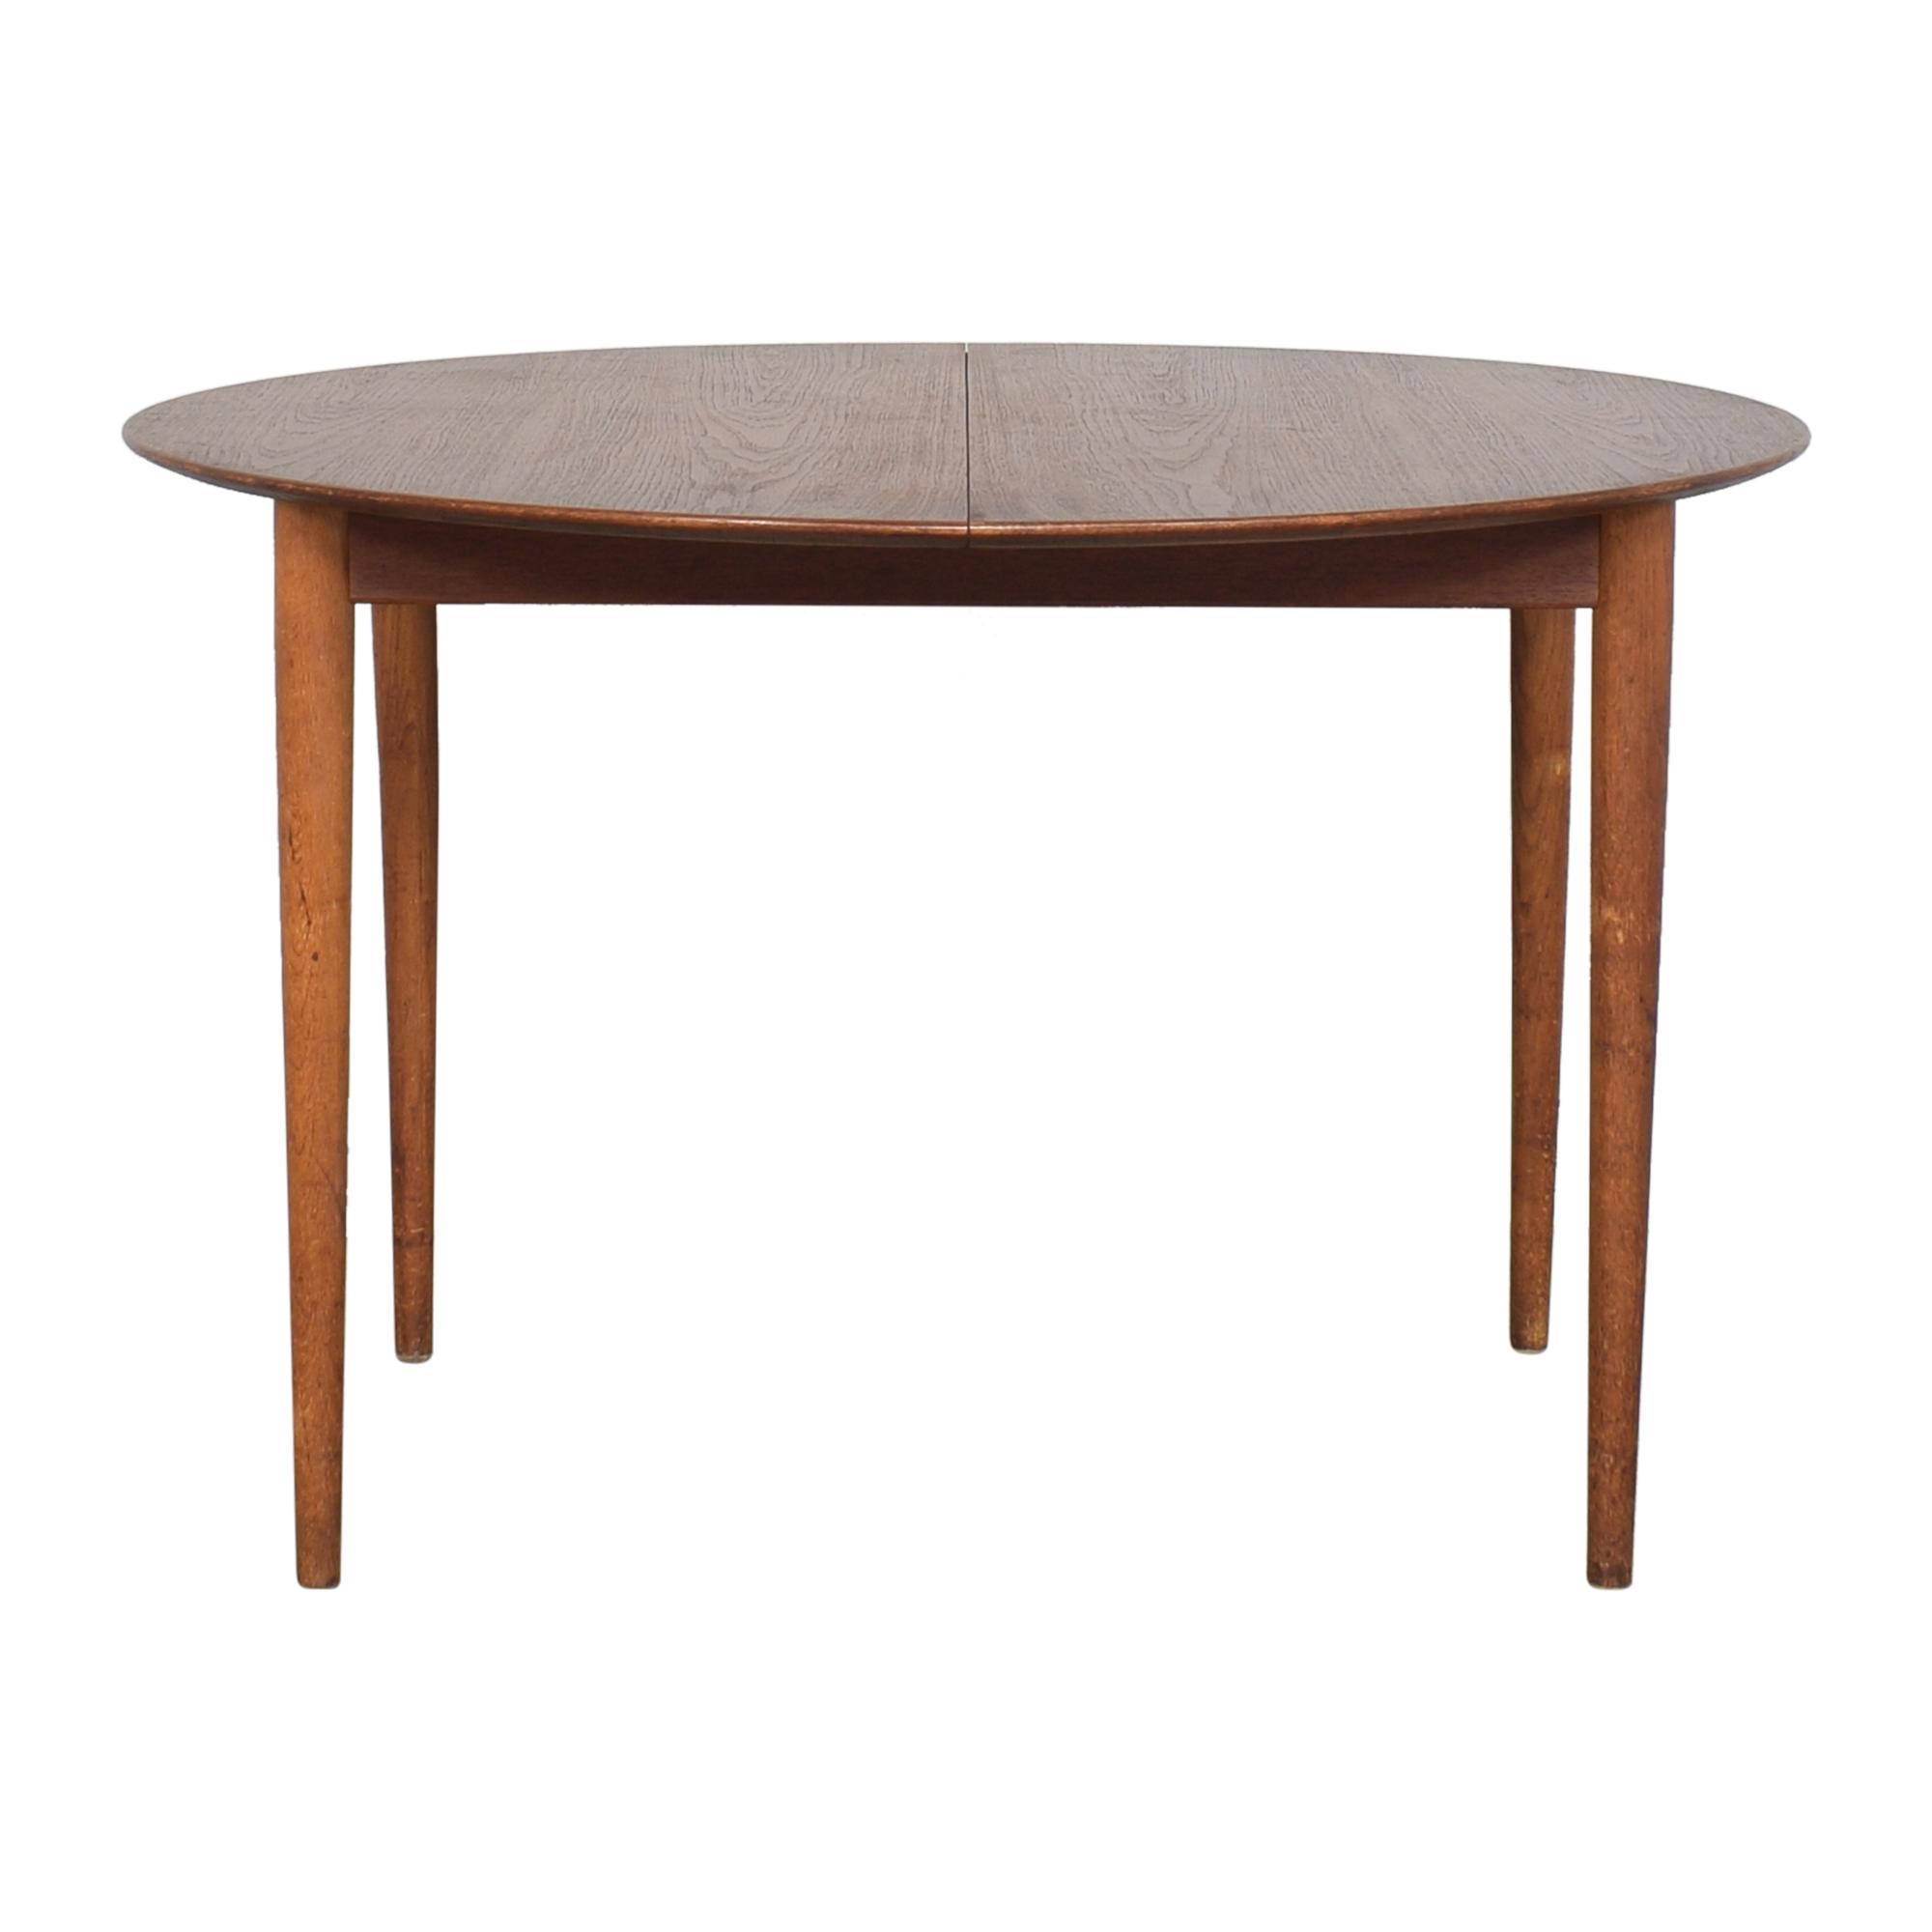 Søborg Møbelfabrik Soborg Mobelfabrik Mid Century Danish Extendable Dining Table  price